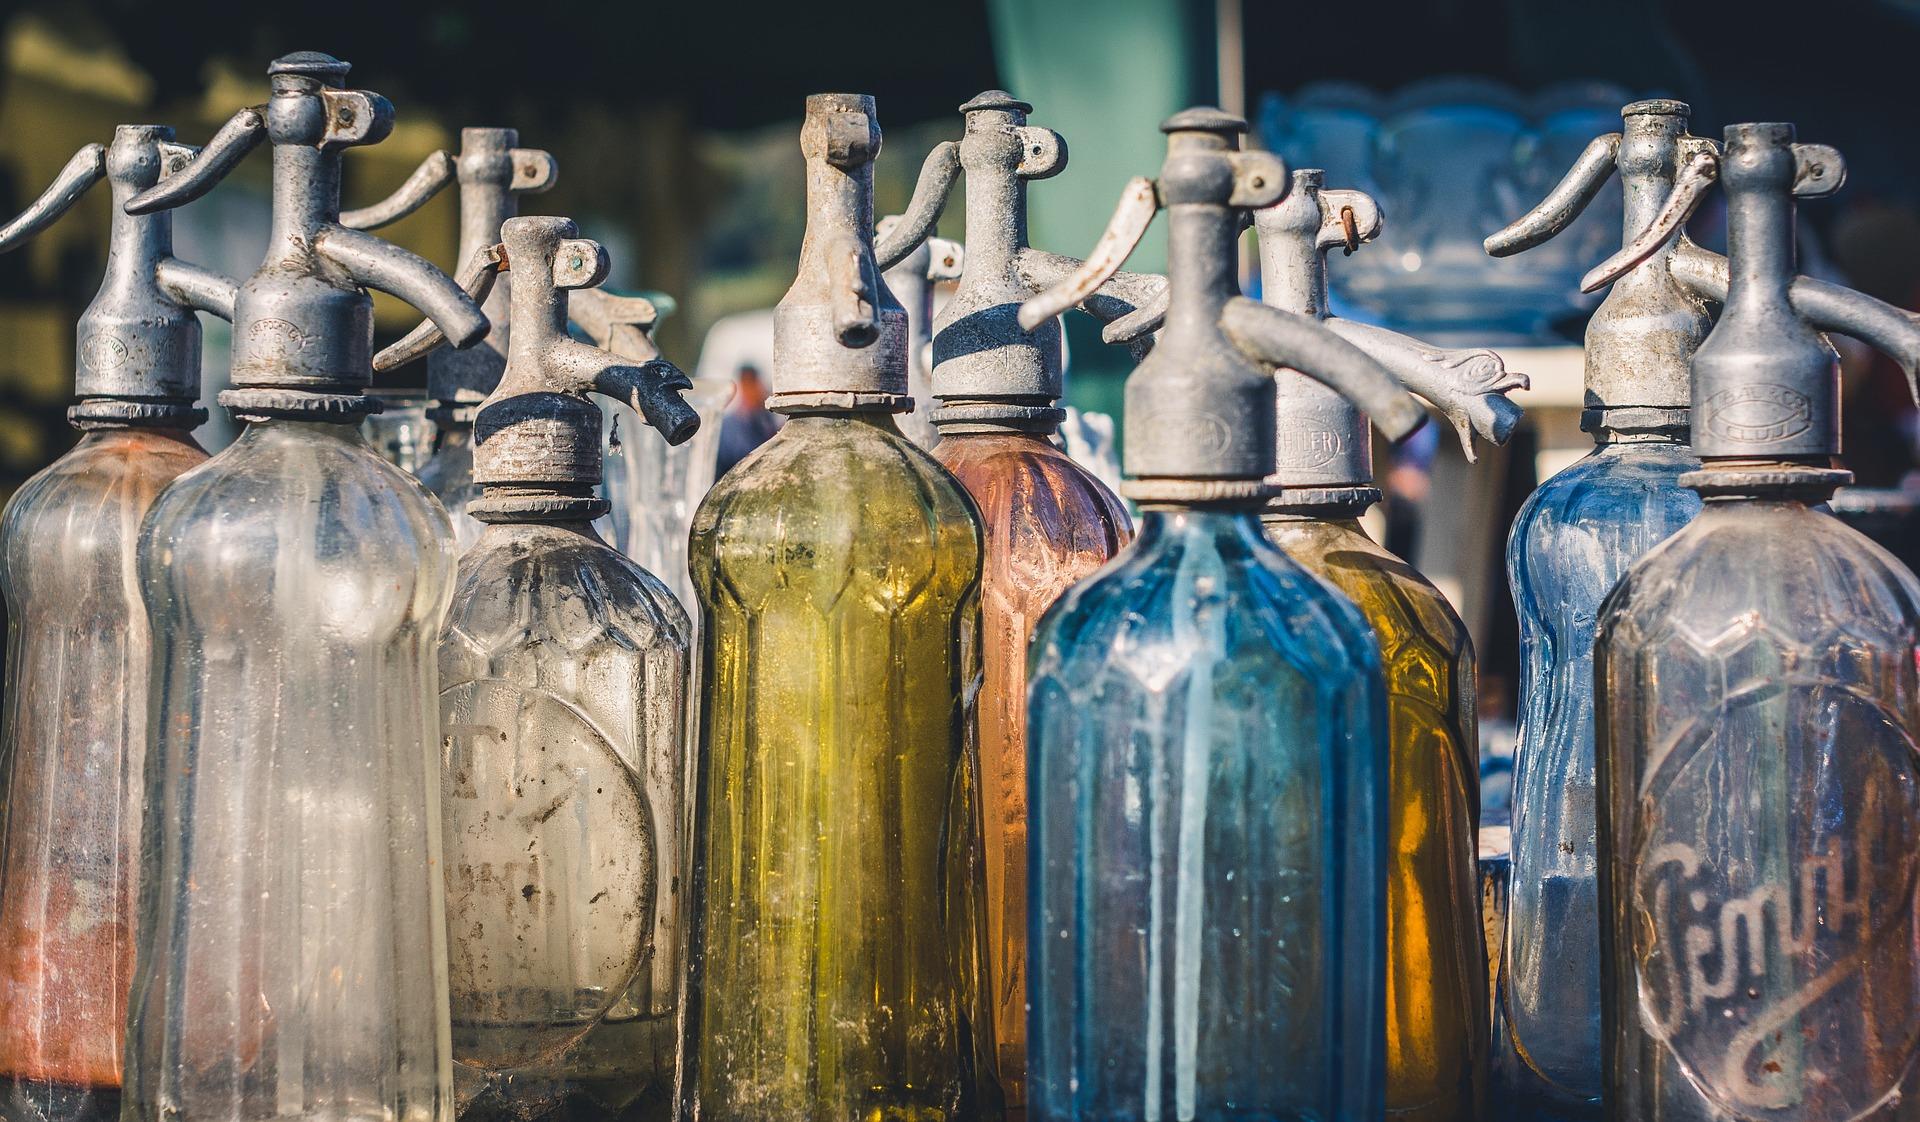 seltzer bottles.jpg